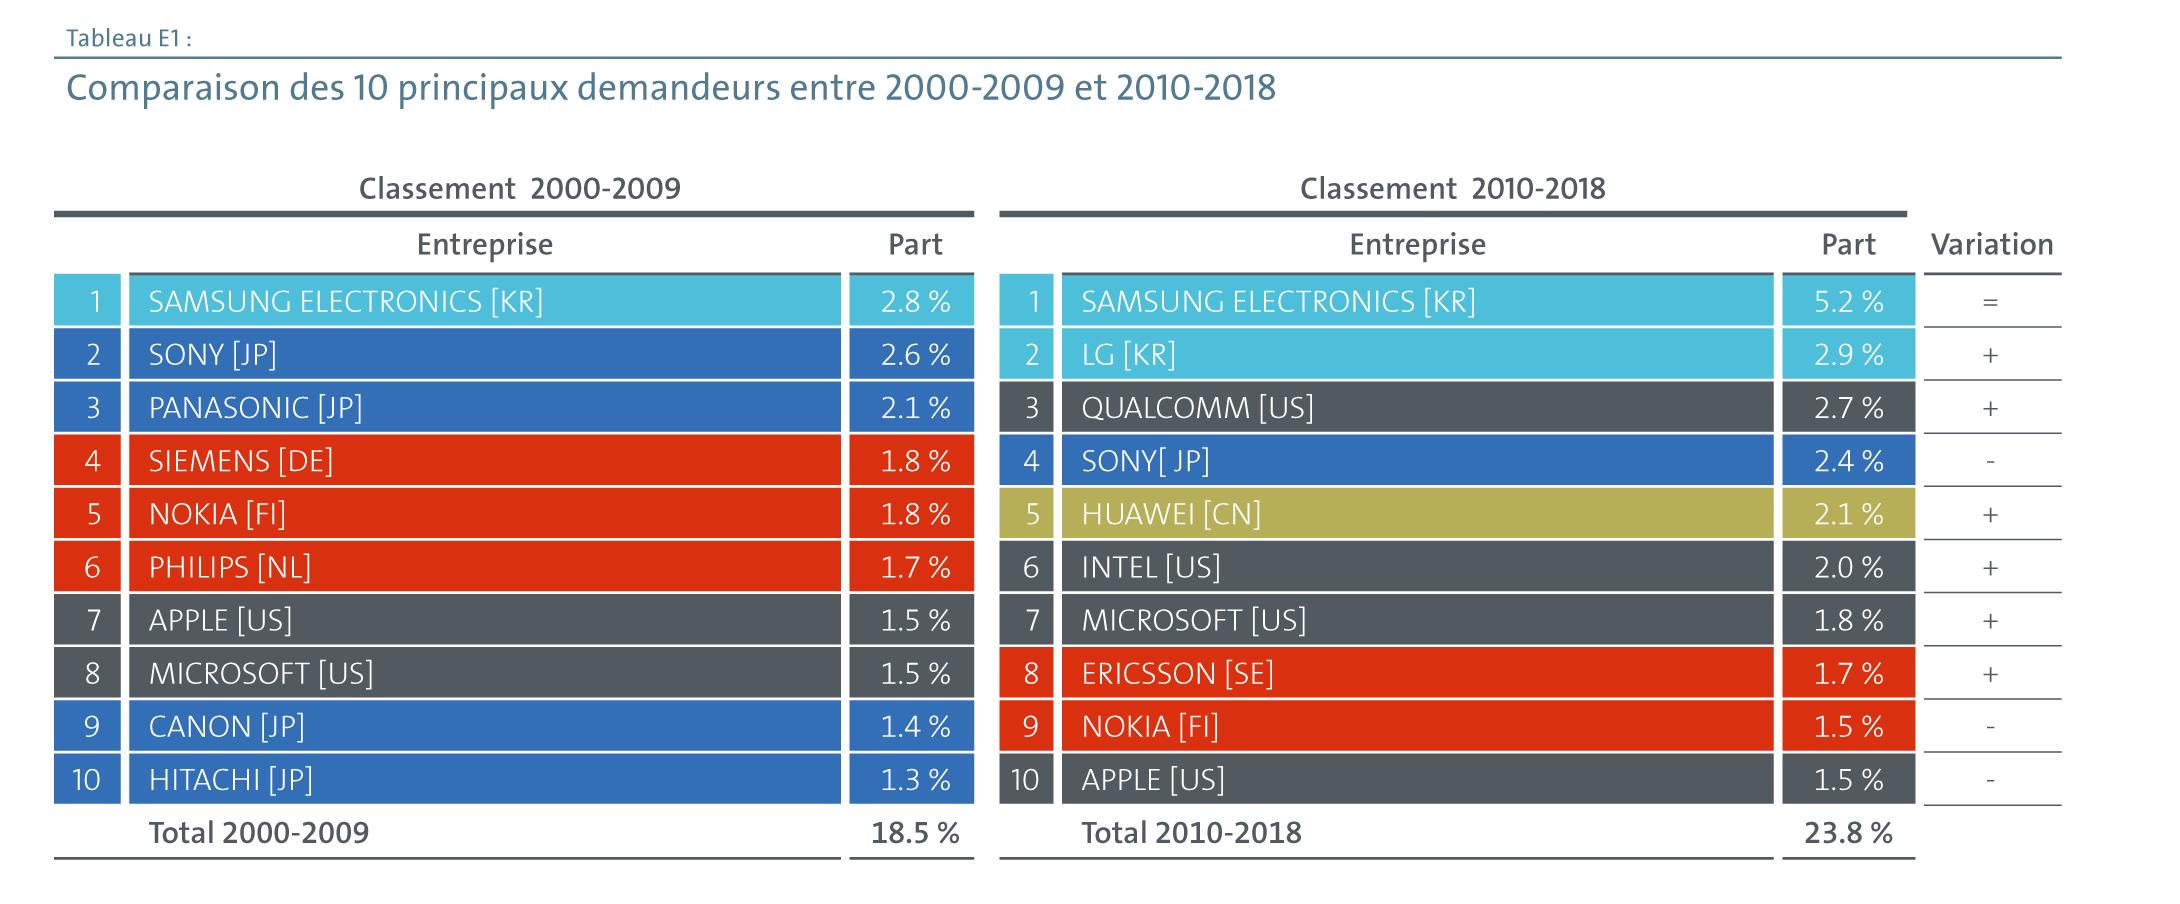 Comparaison des 10 principaux demandeurs entre 2000-2009 et 2010-2018 (source OEB)